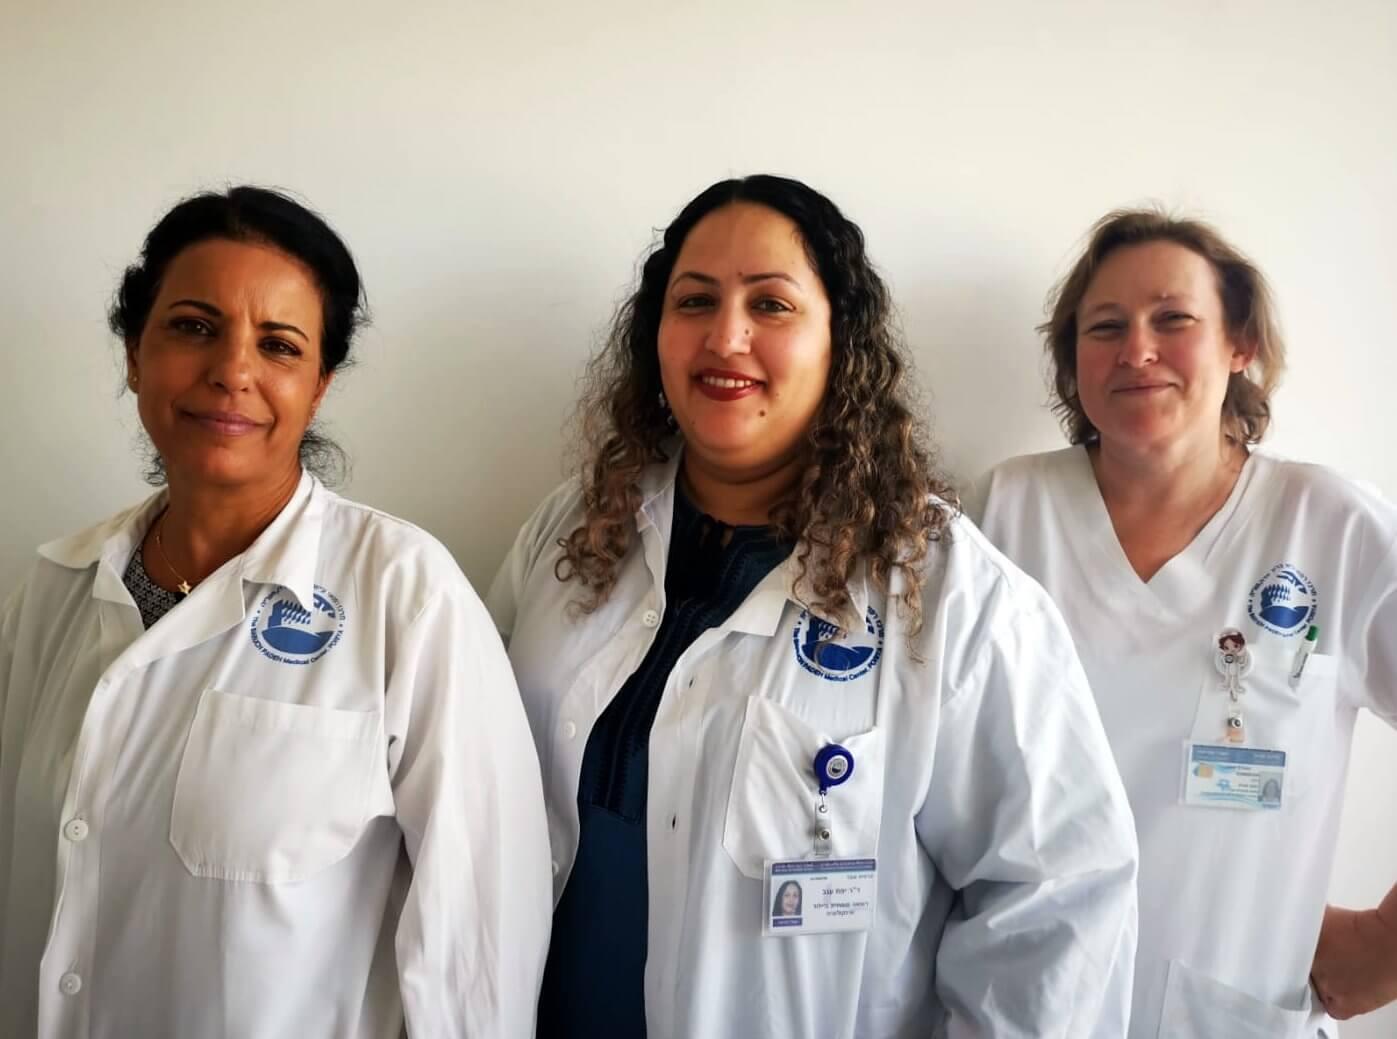 דוקטור-ענב-יפת-צוות-מרפאה-סוכרת-הריון-פוריה